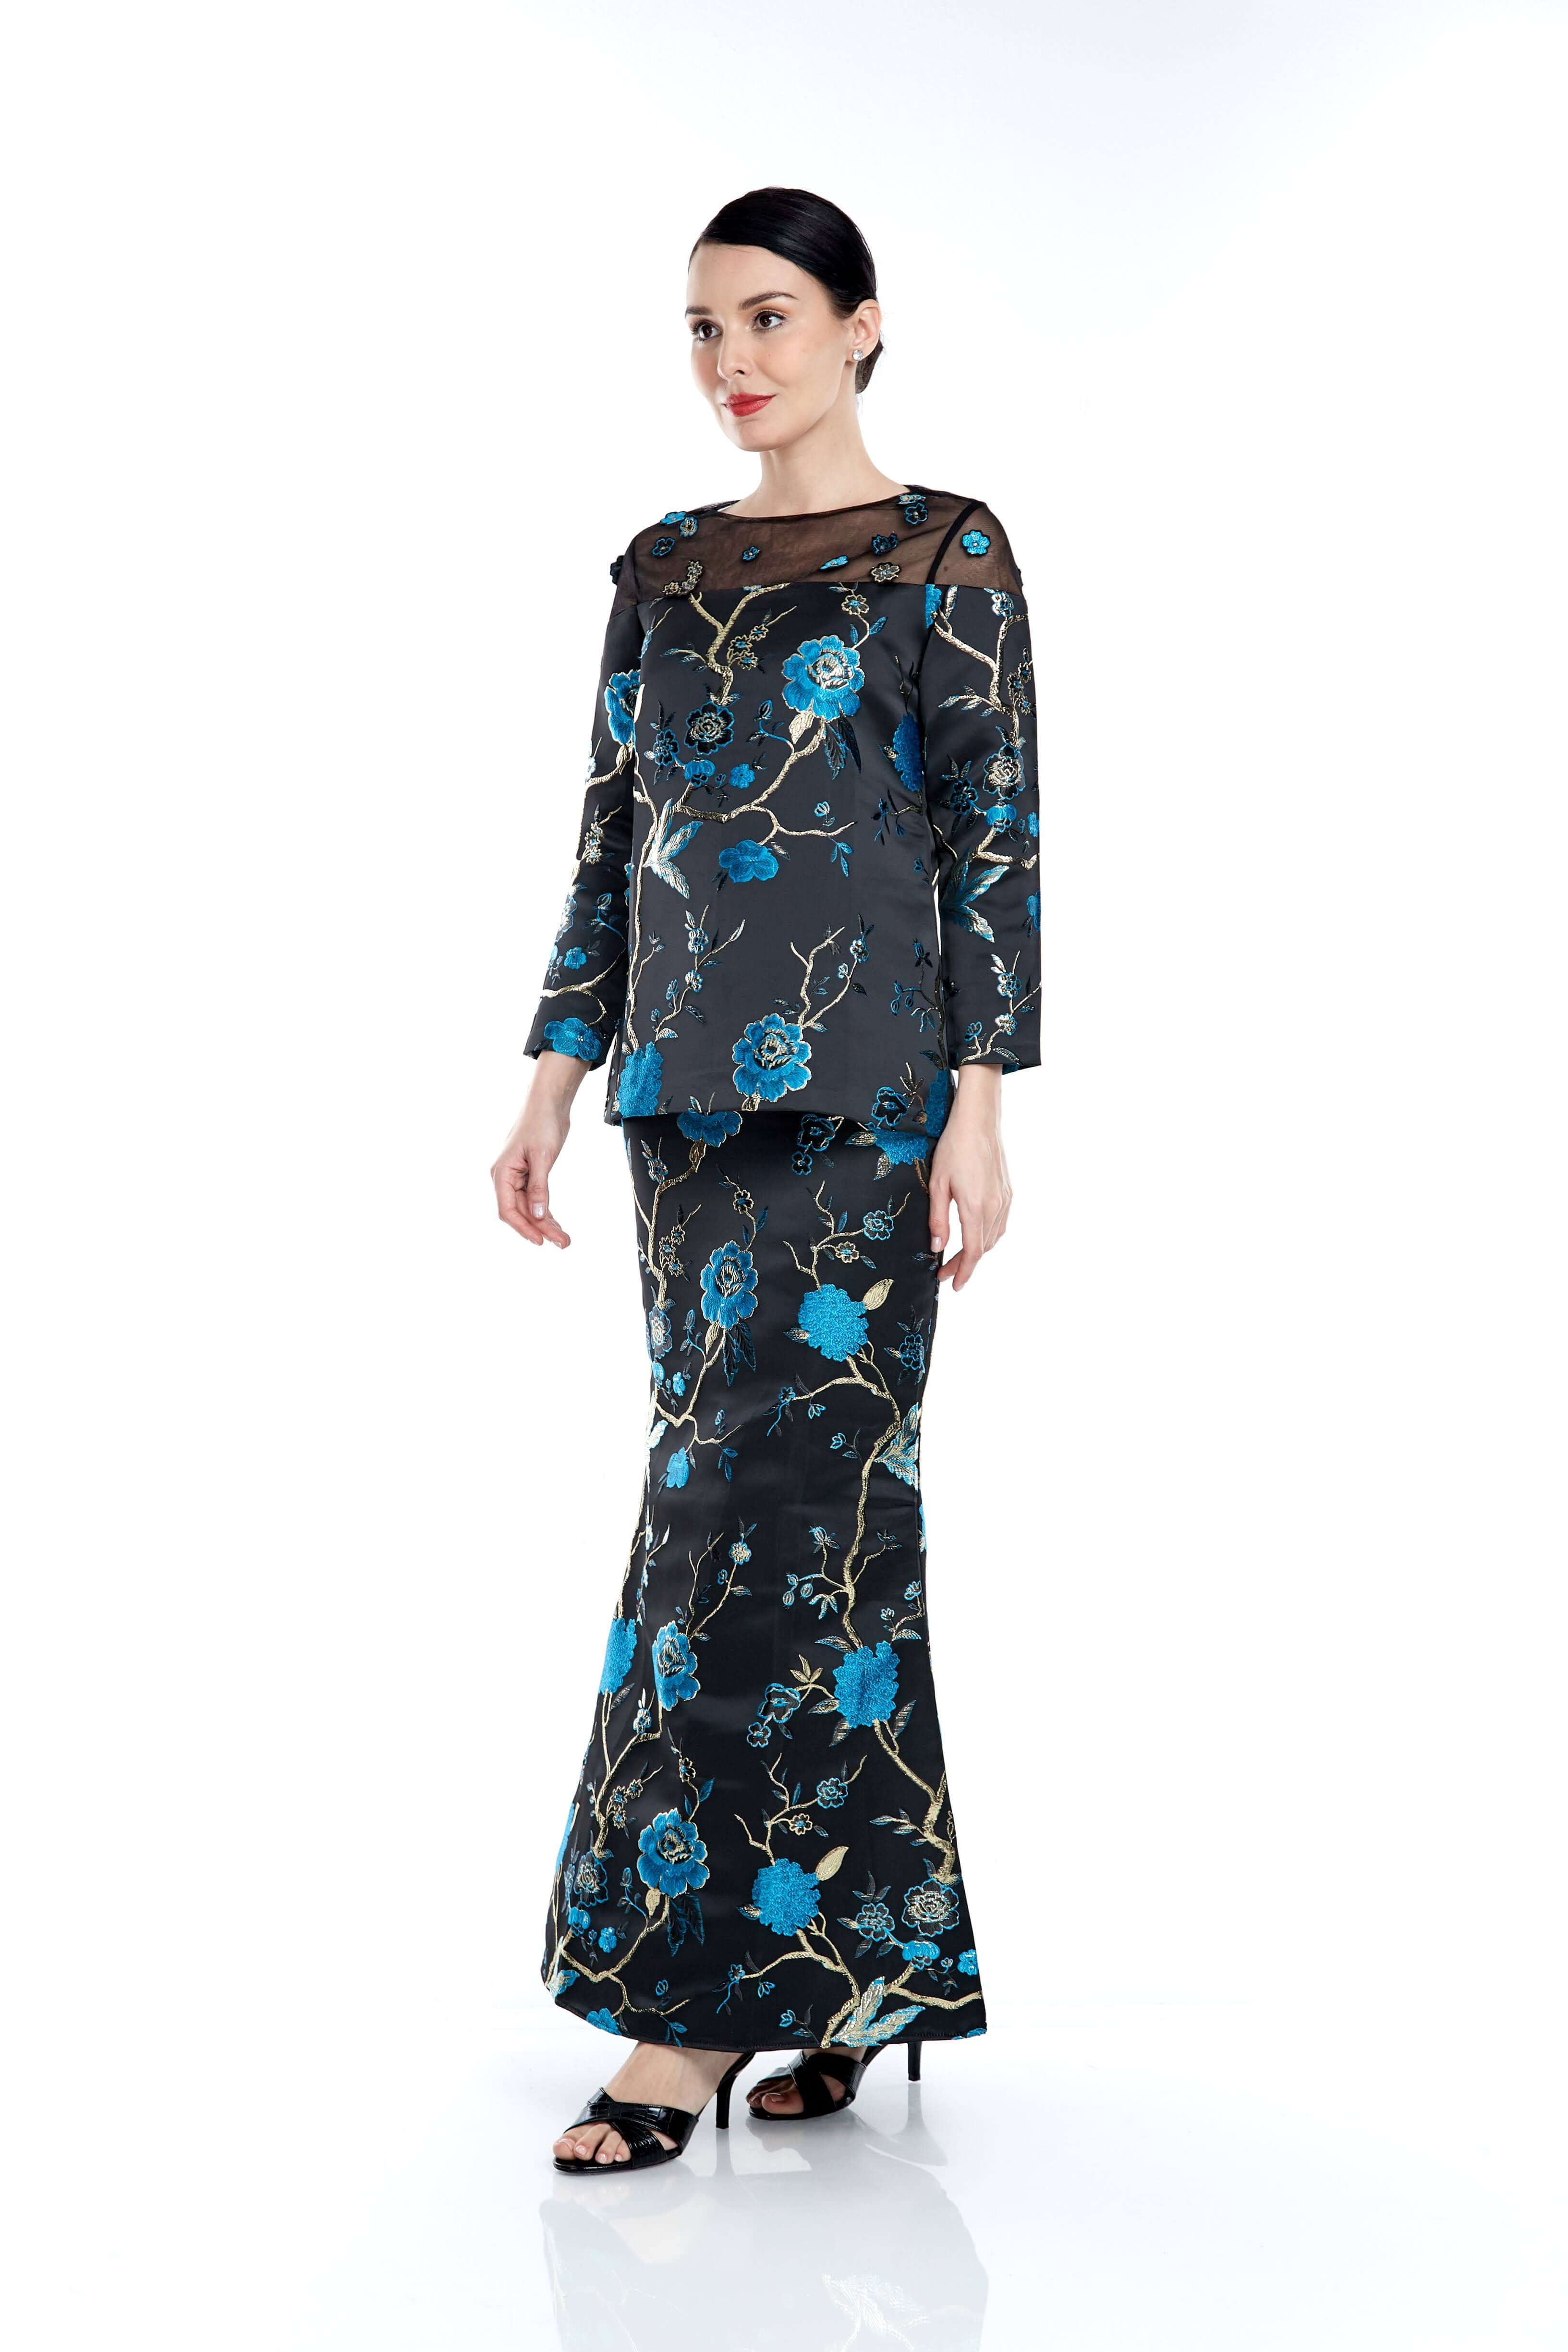 Black-Blue Floral Round Neck With See Through Neckline (5)